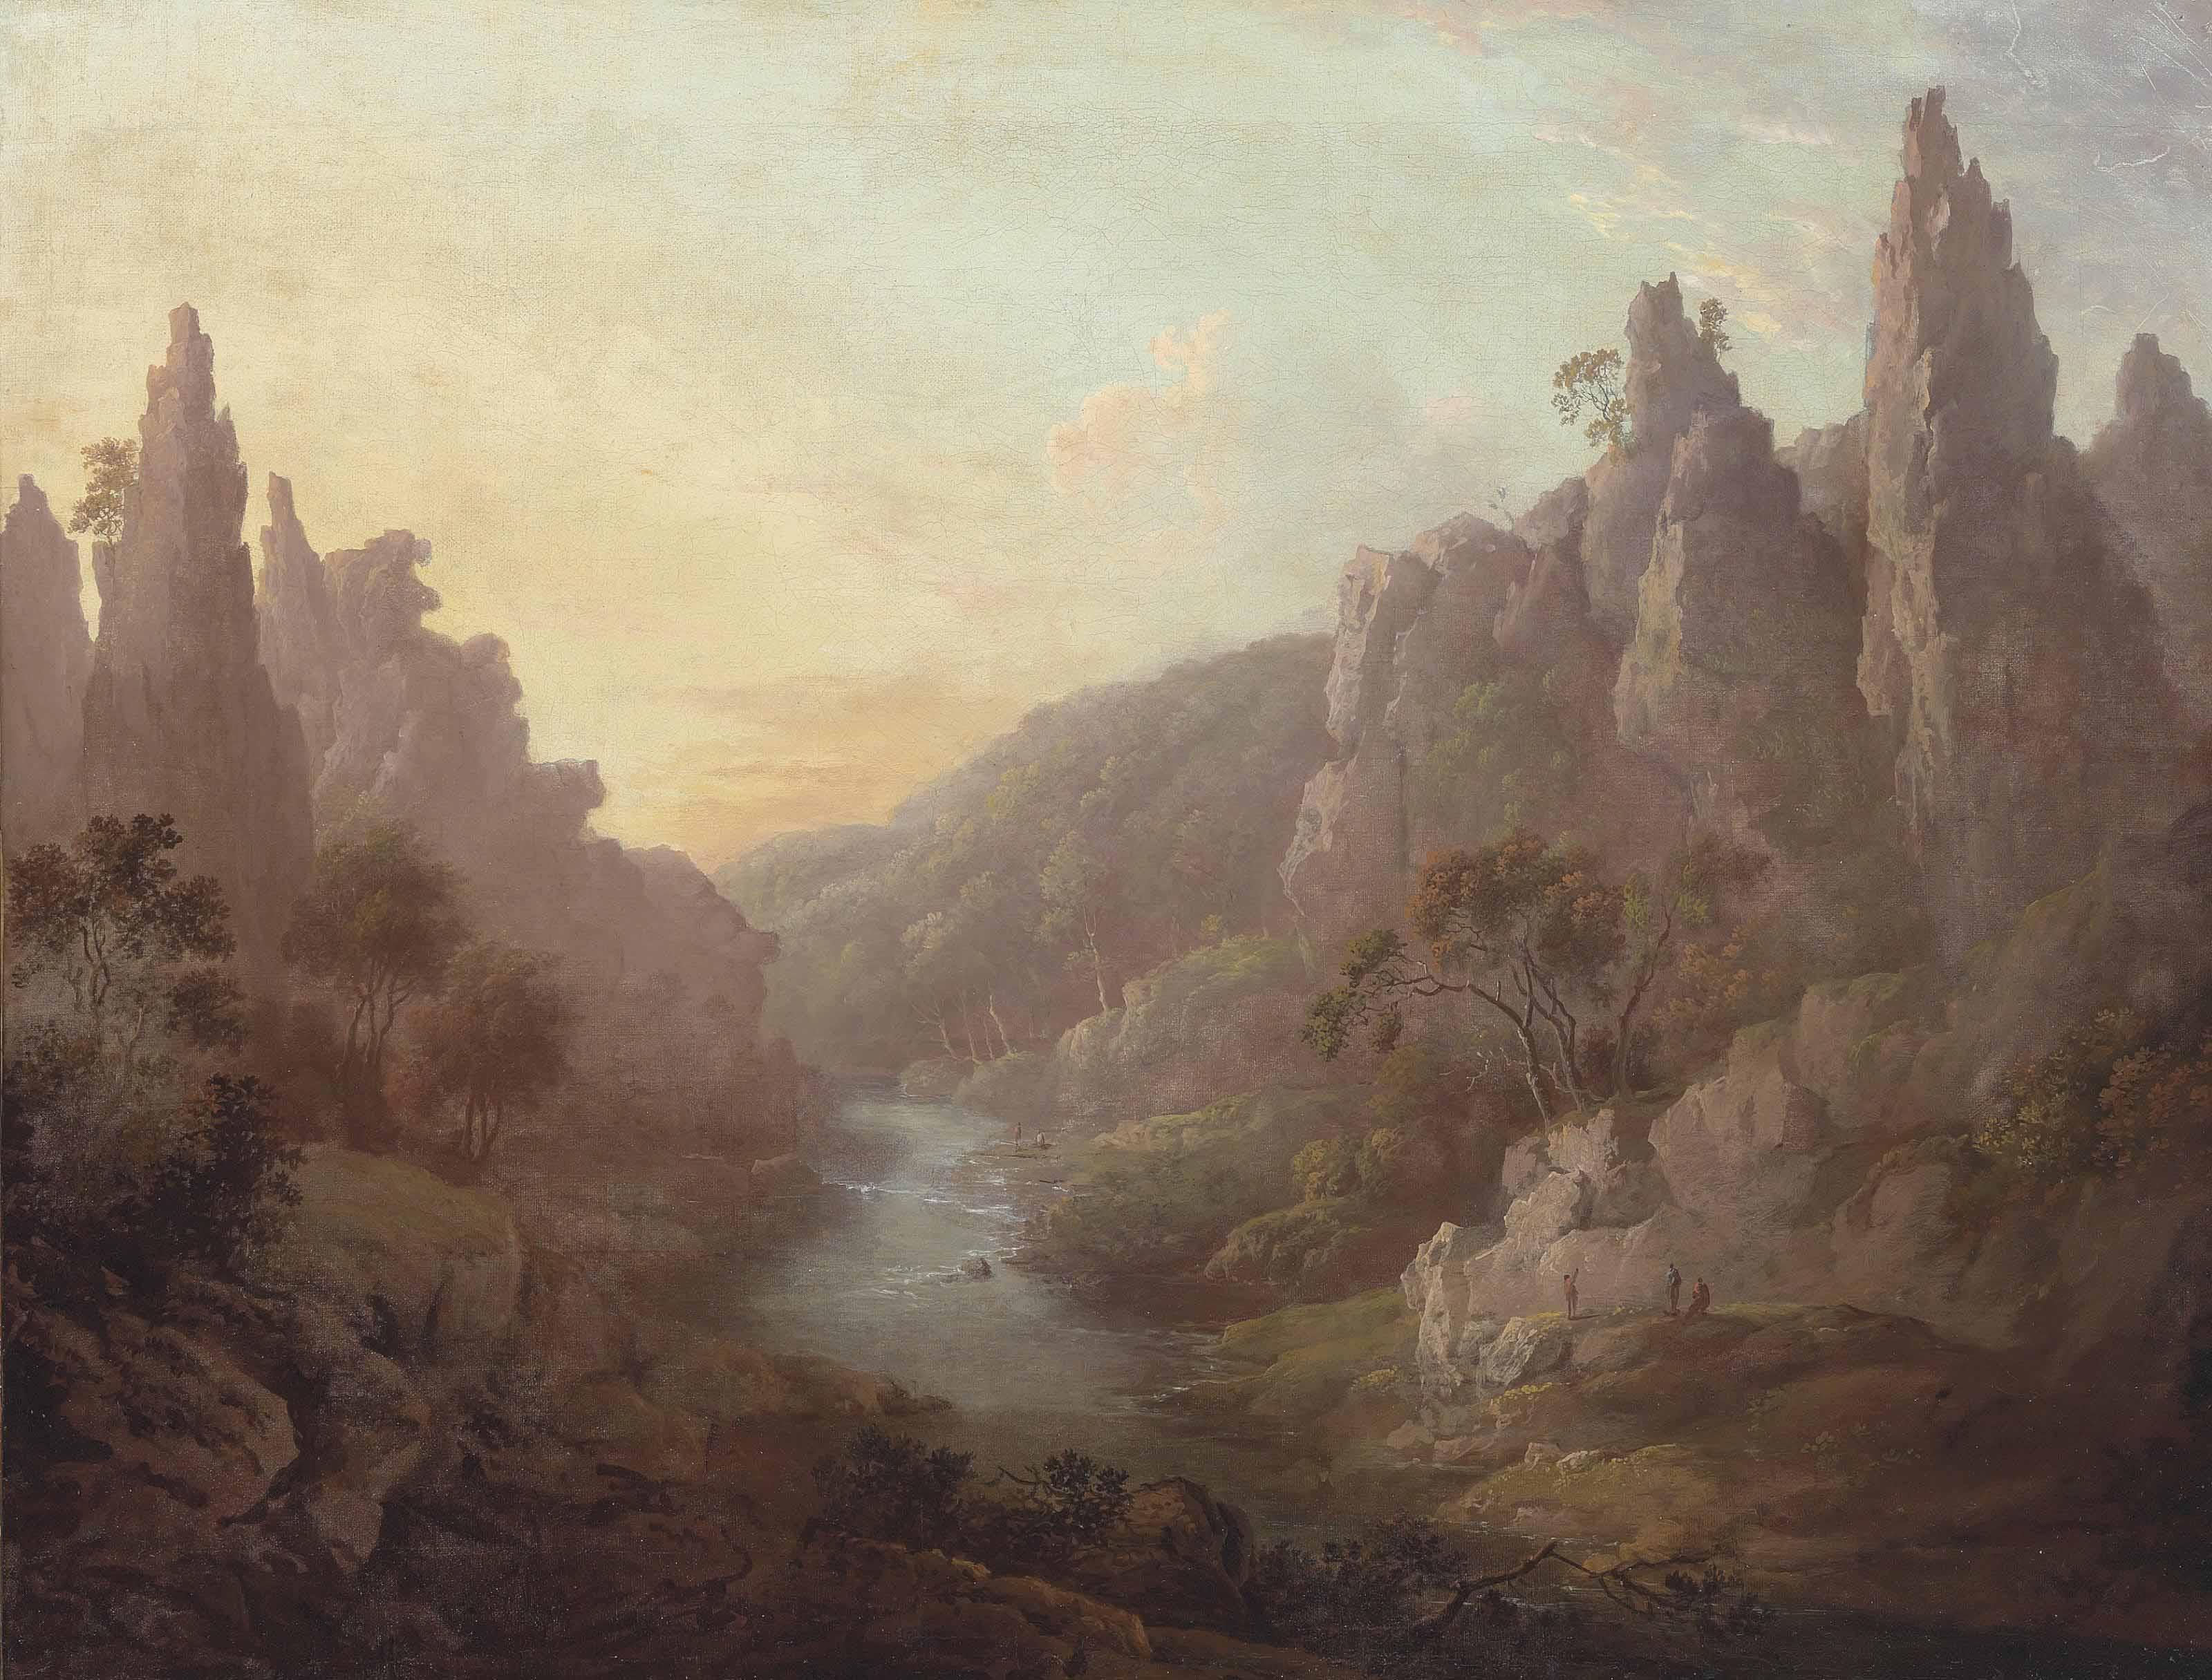 A capriccio view of Dovedale, Derbyshire